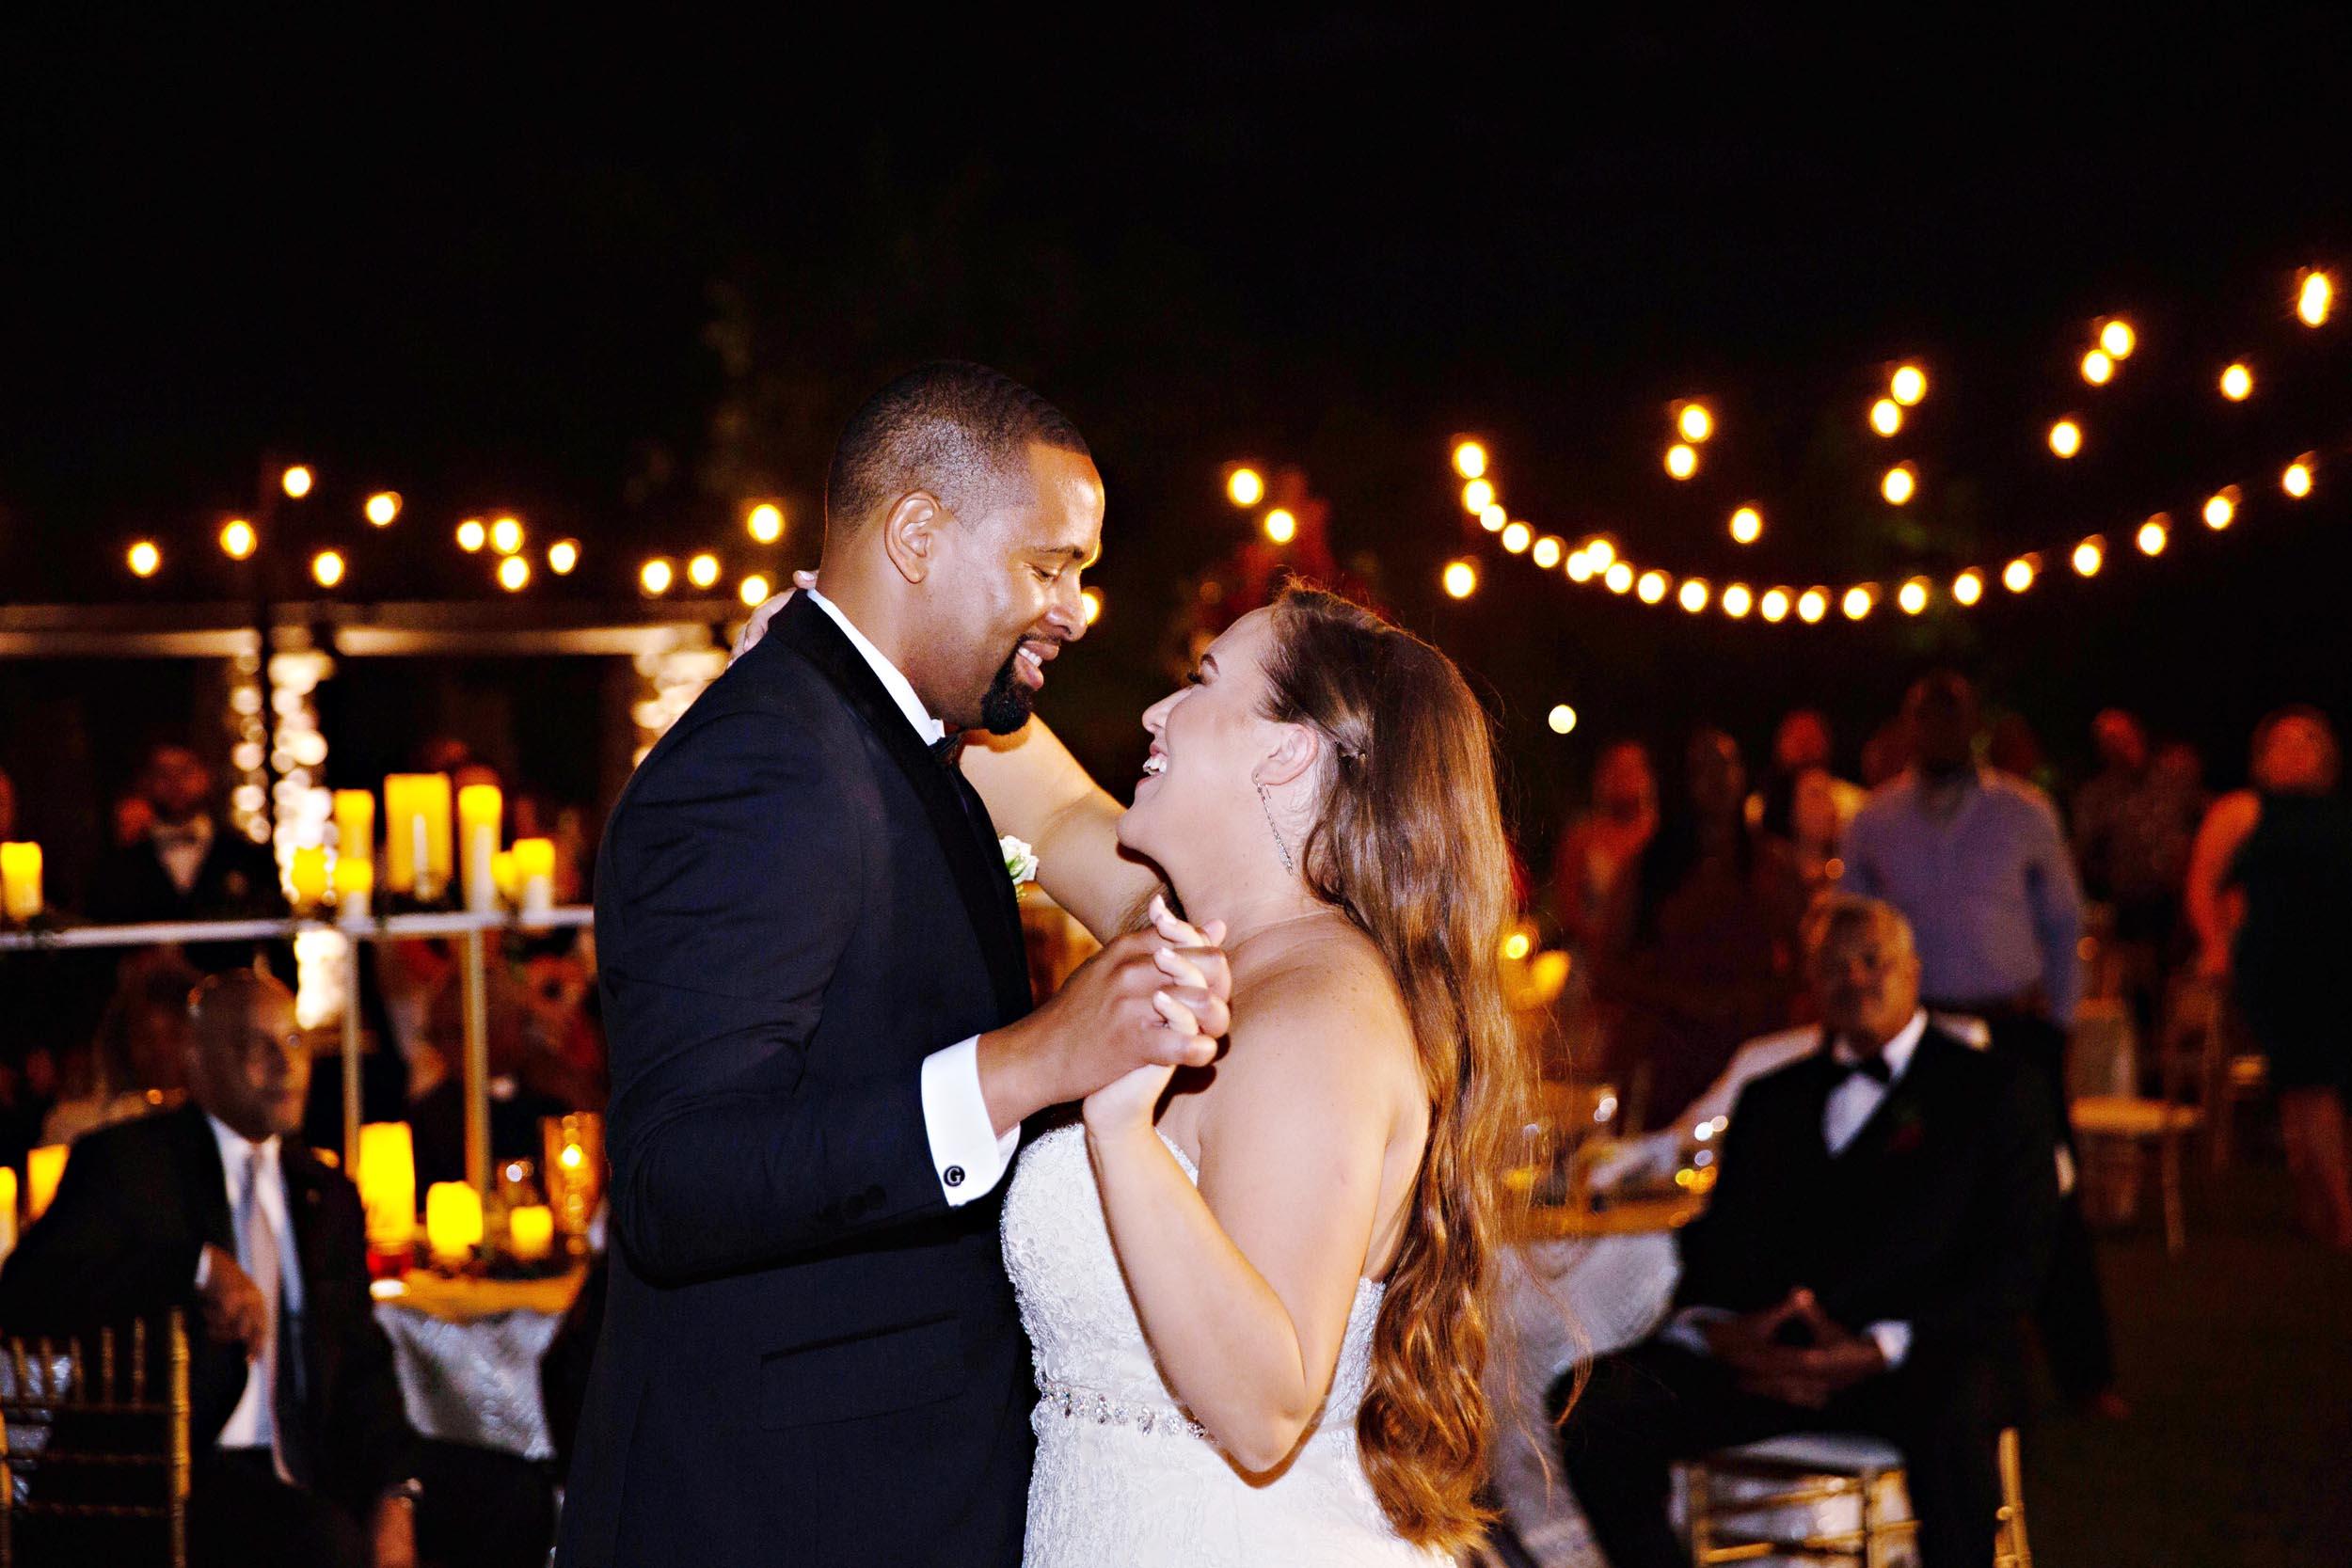 weddings-wildhorse-35.jpg